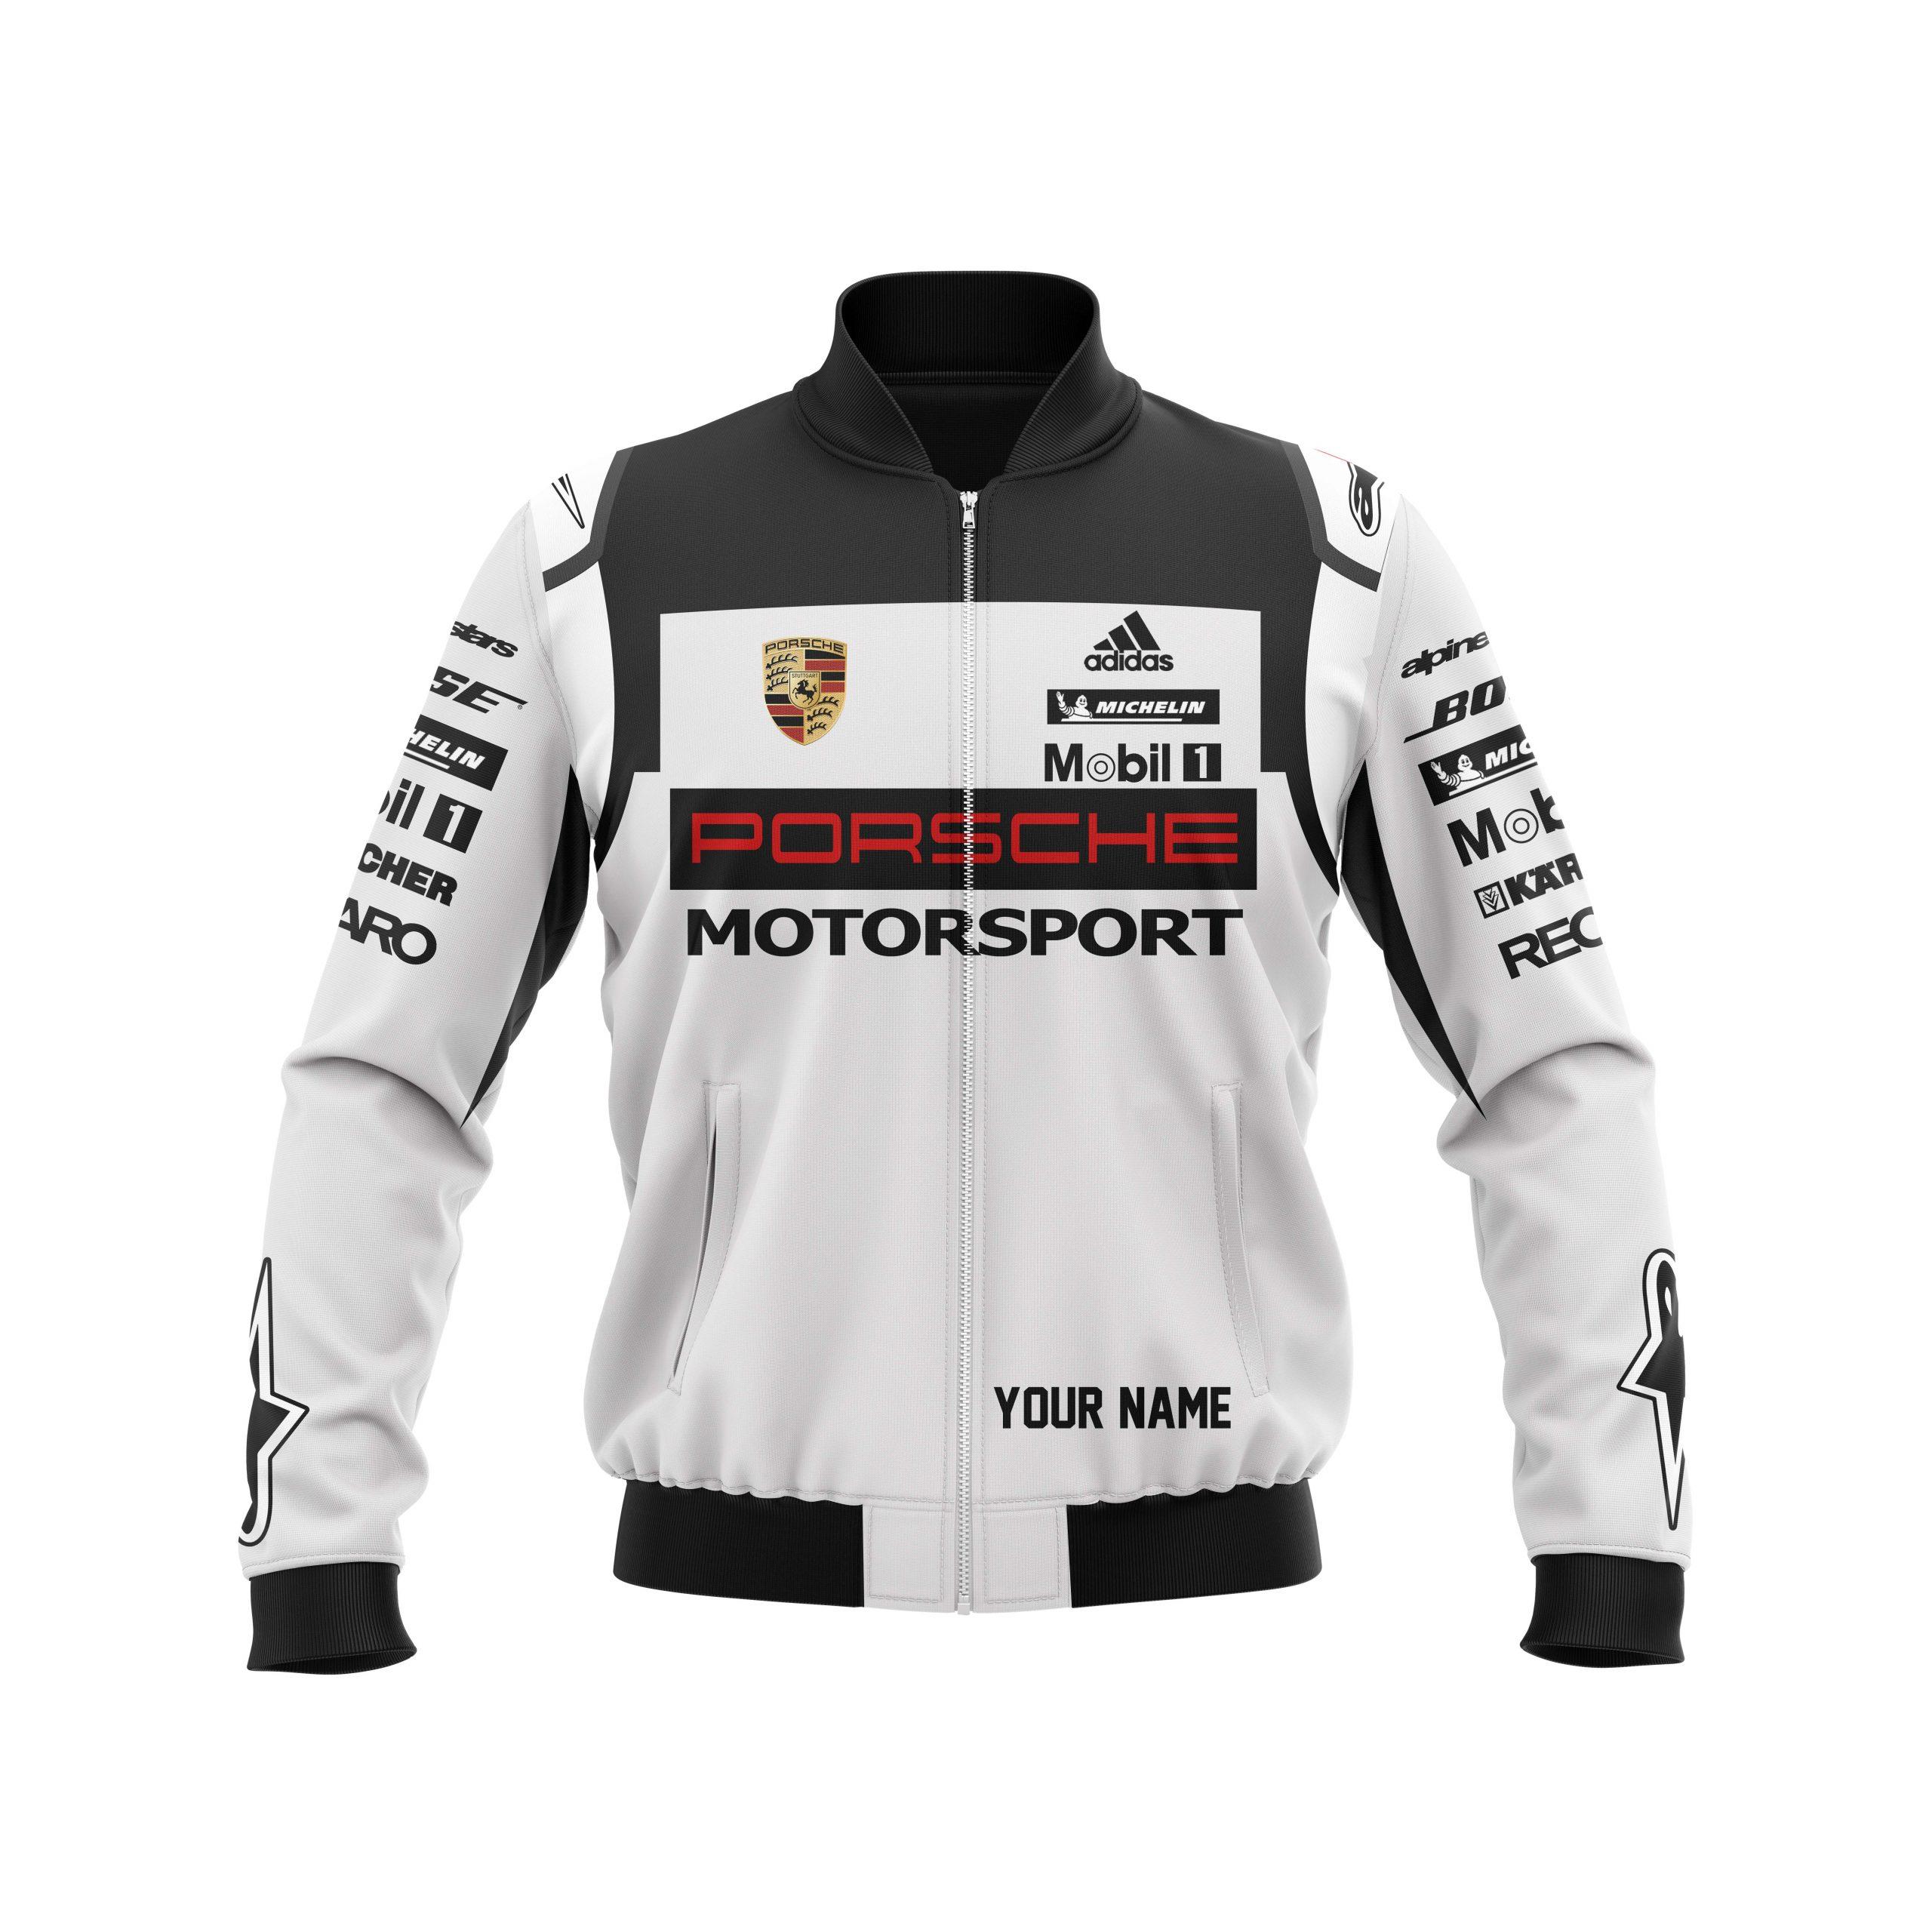 Custom Name Porsche Motorsport racing T shirt hoodie bomber jacket